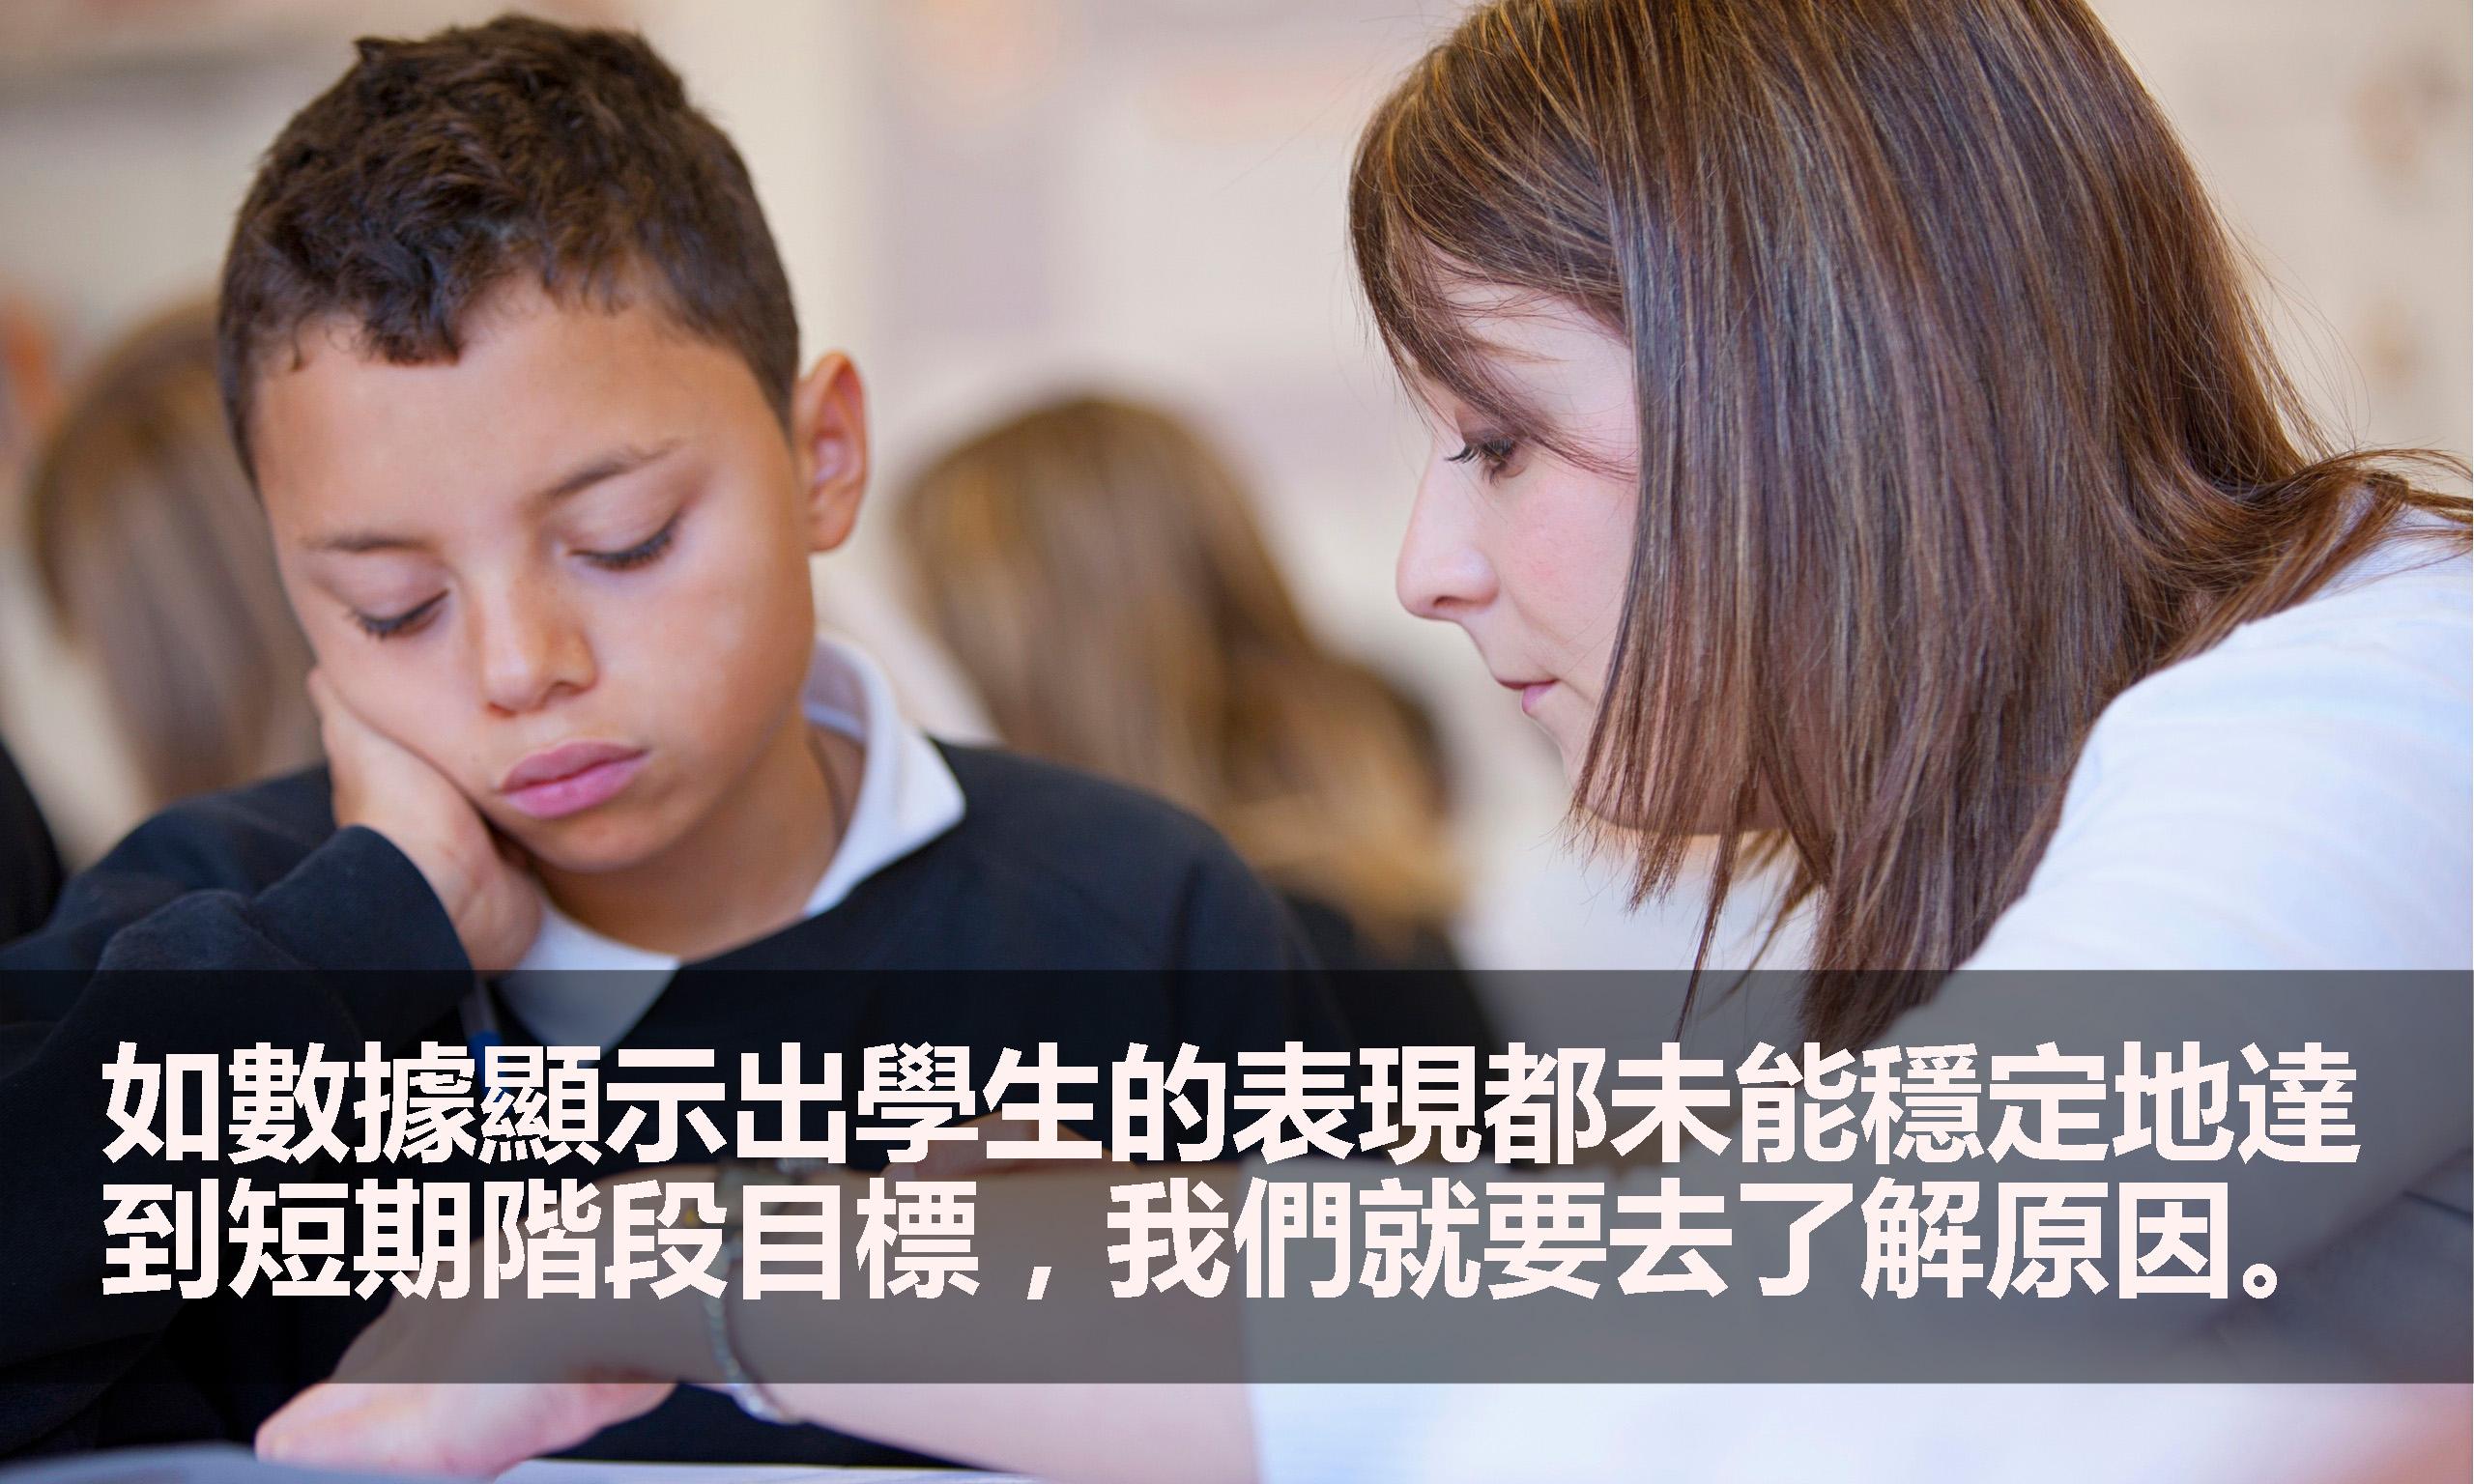 如數據顯示出學生的表現都未能穩定地達到短期階段目標,我們就要去了解原因